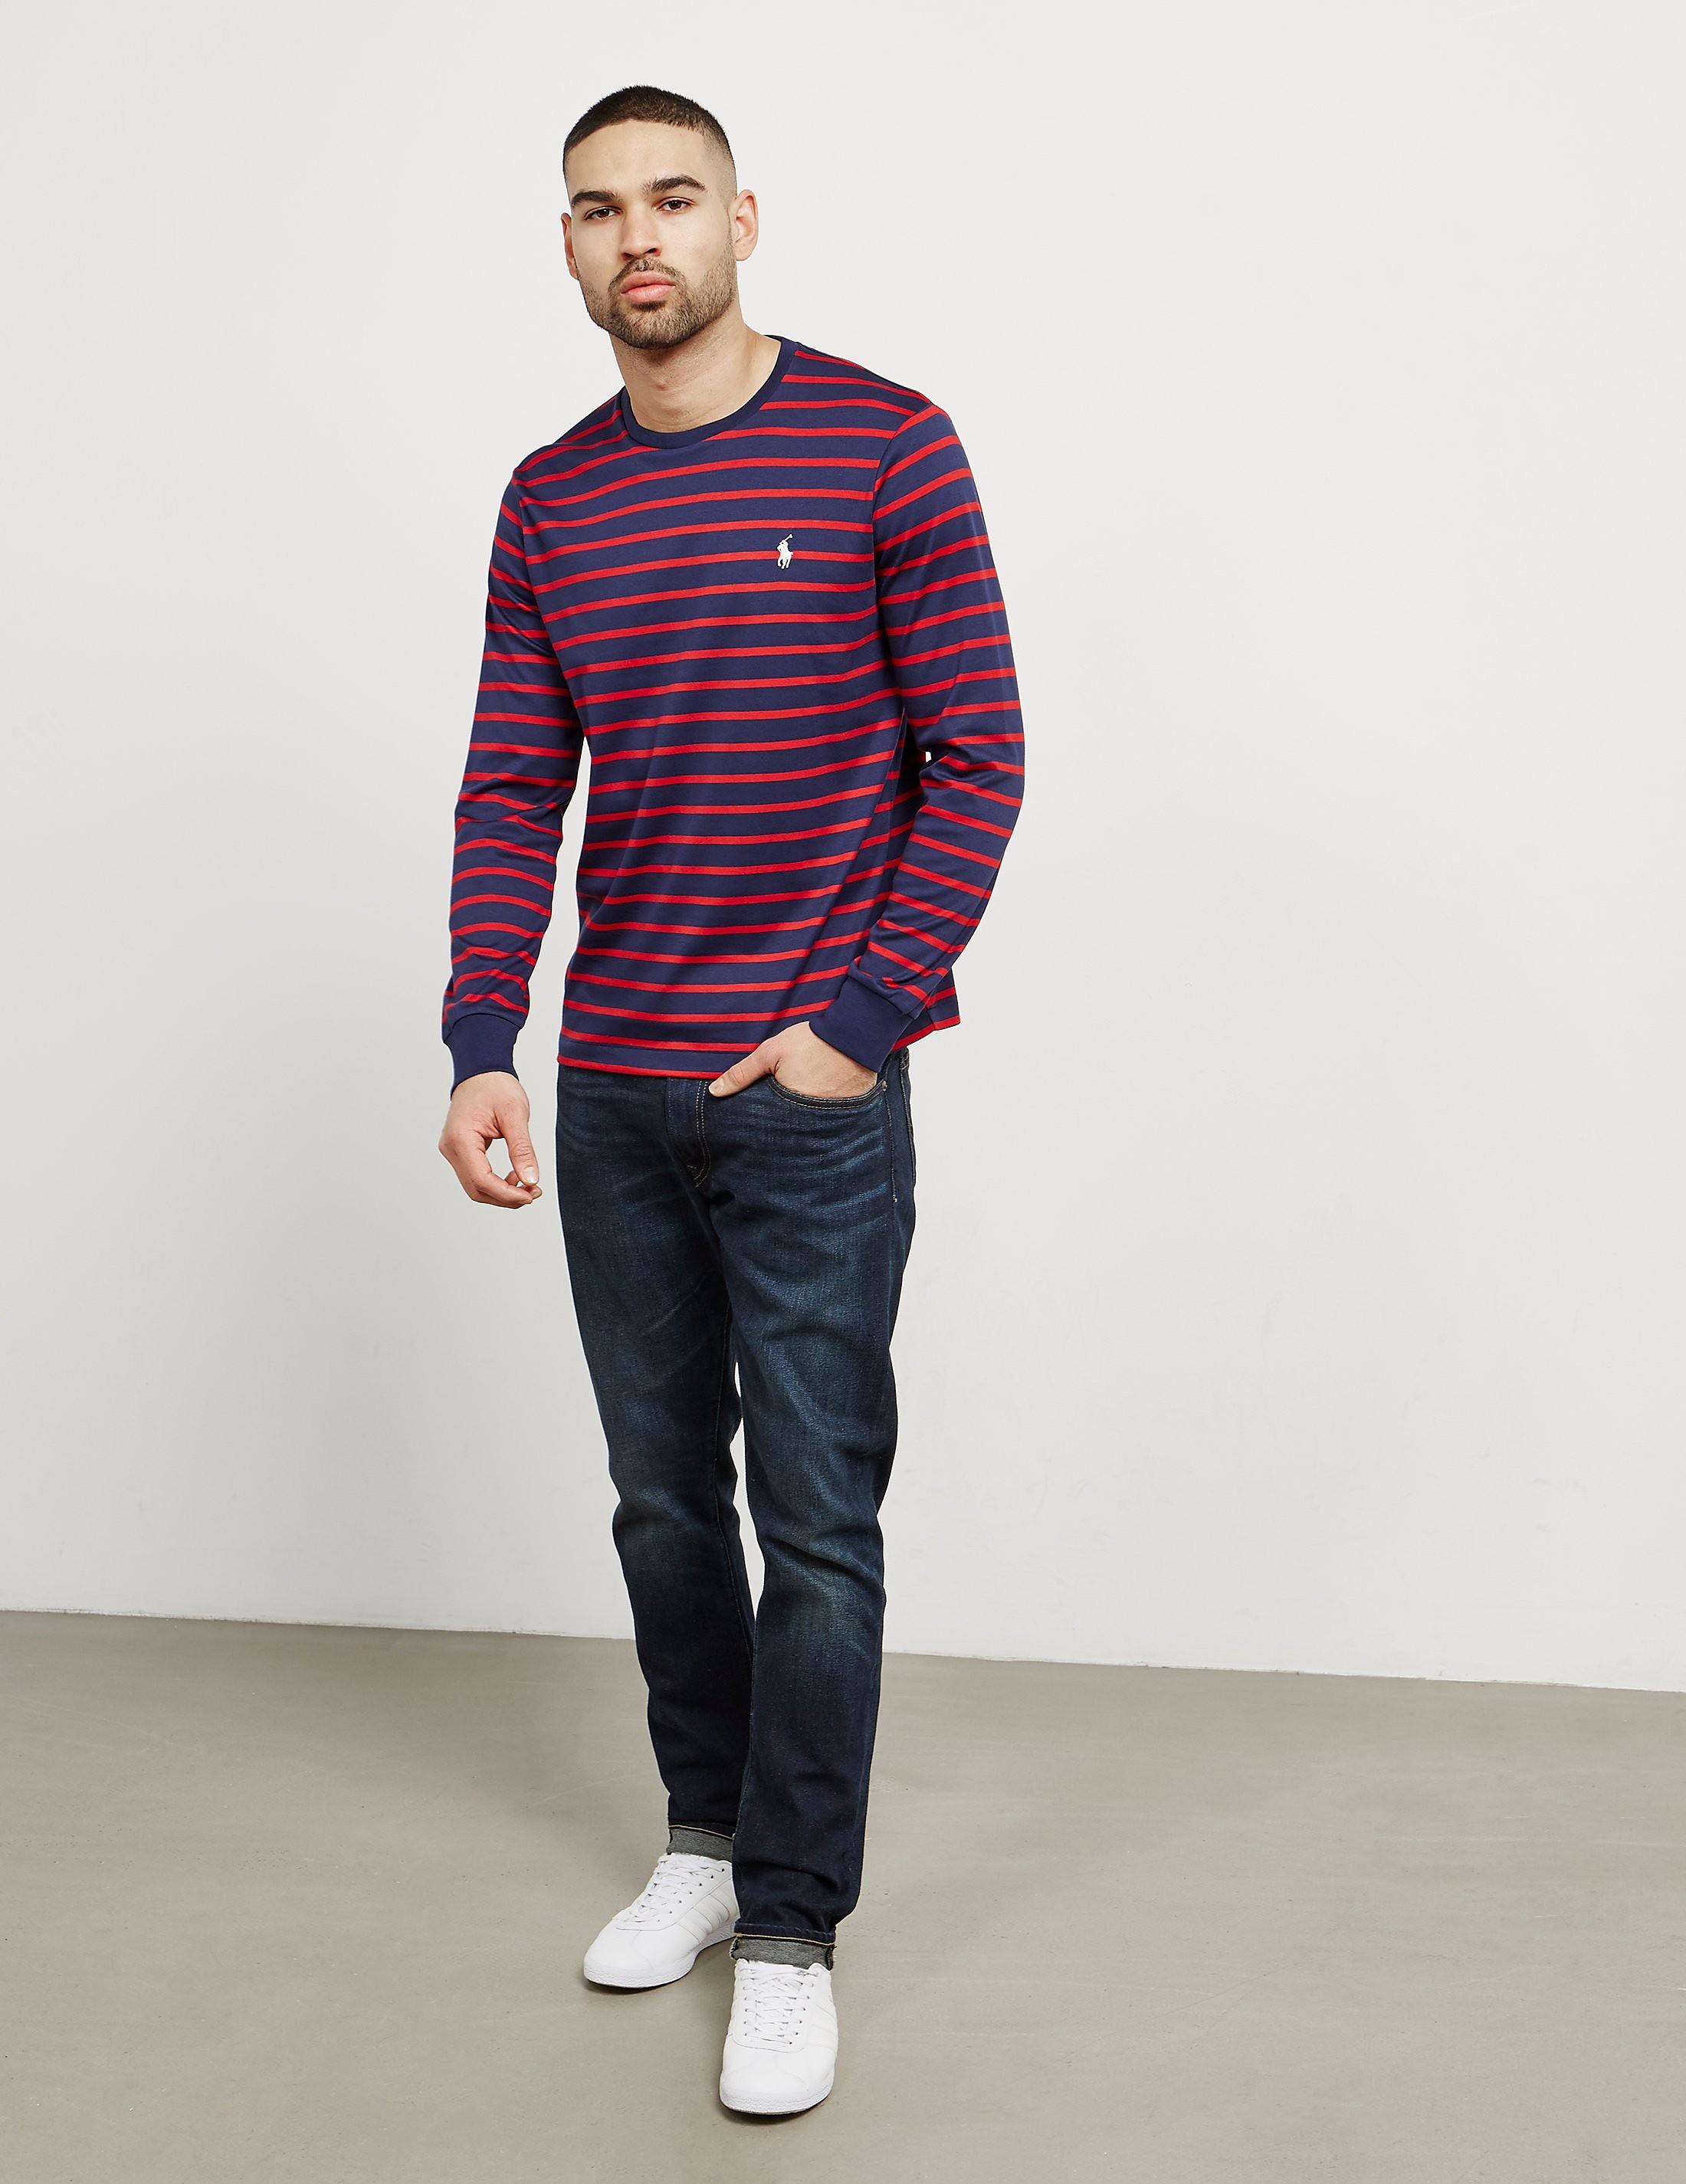 Polo Ralph Lauren Stripe Long Sleeve T-Shirt